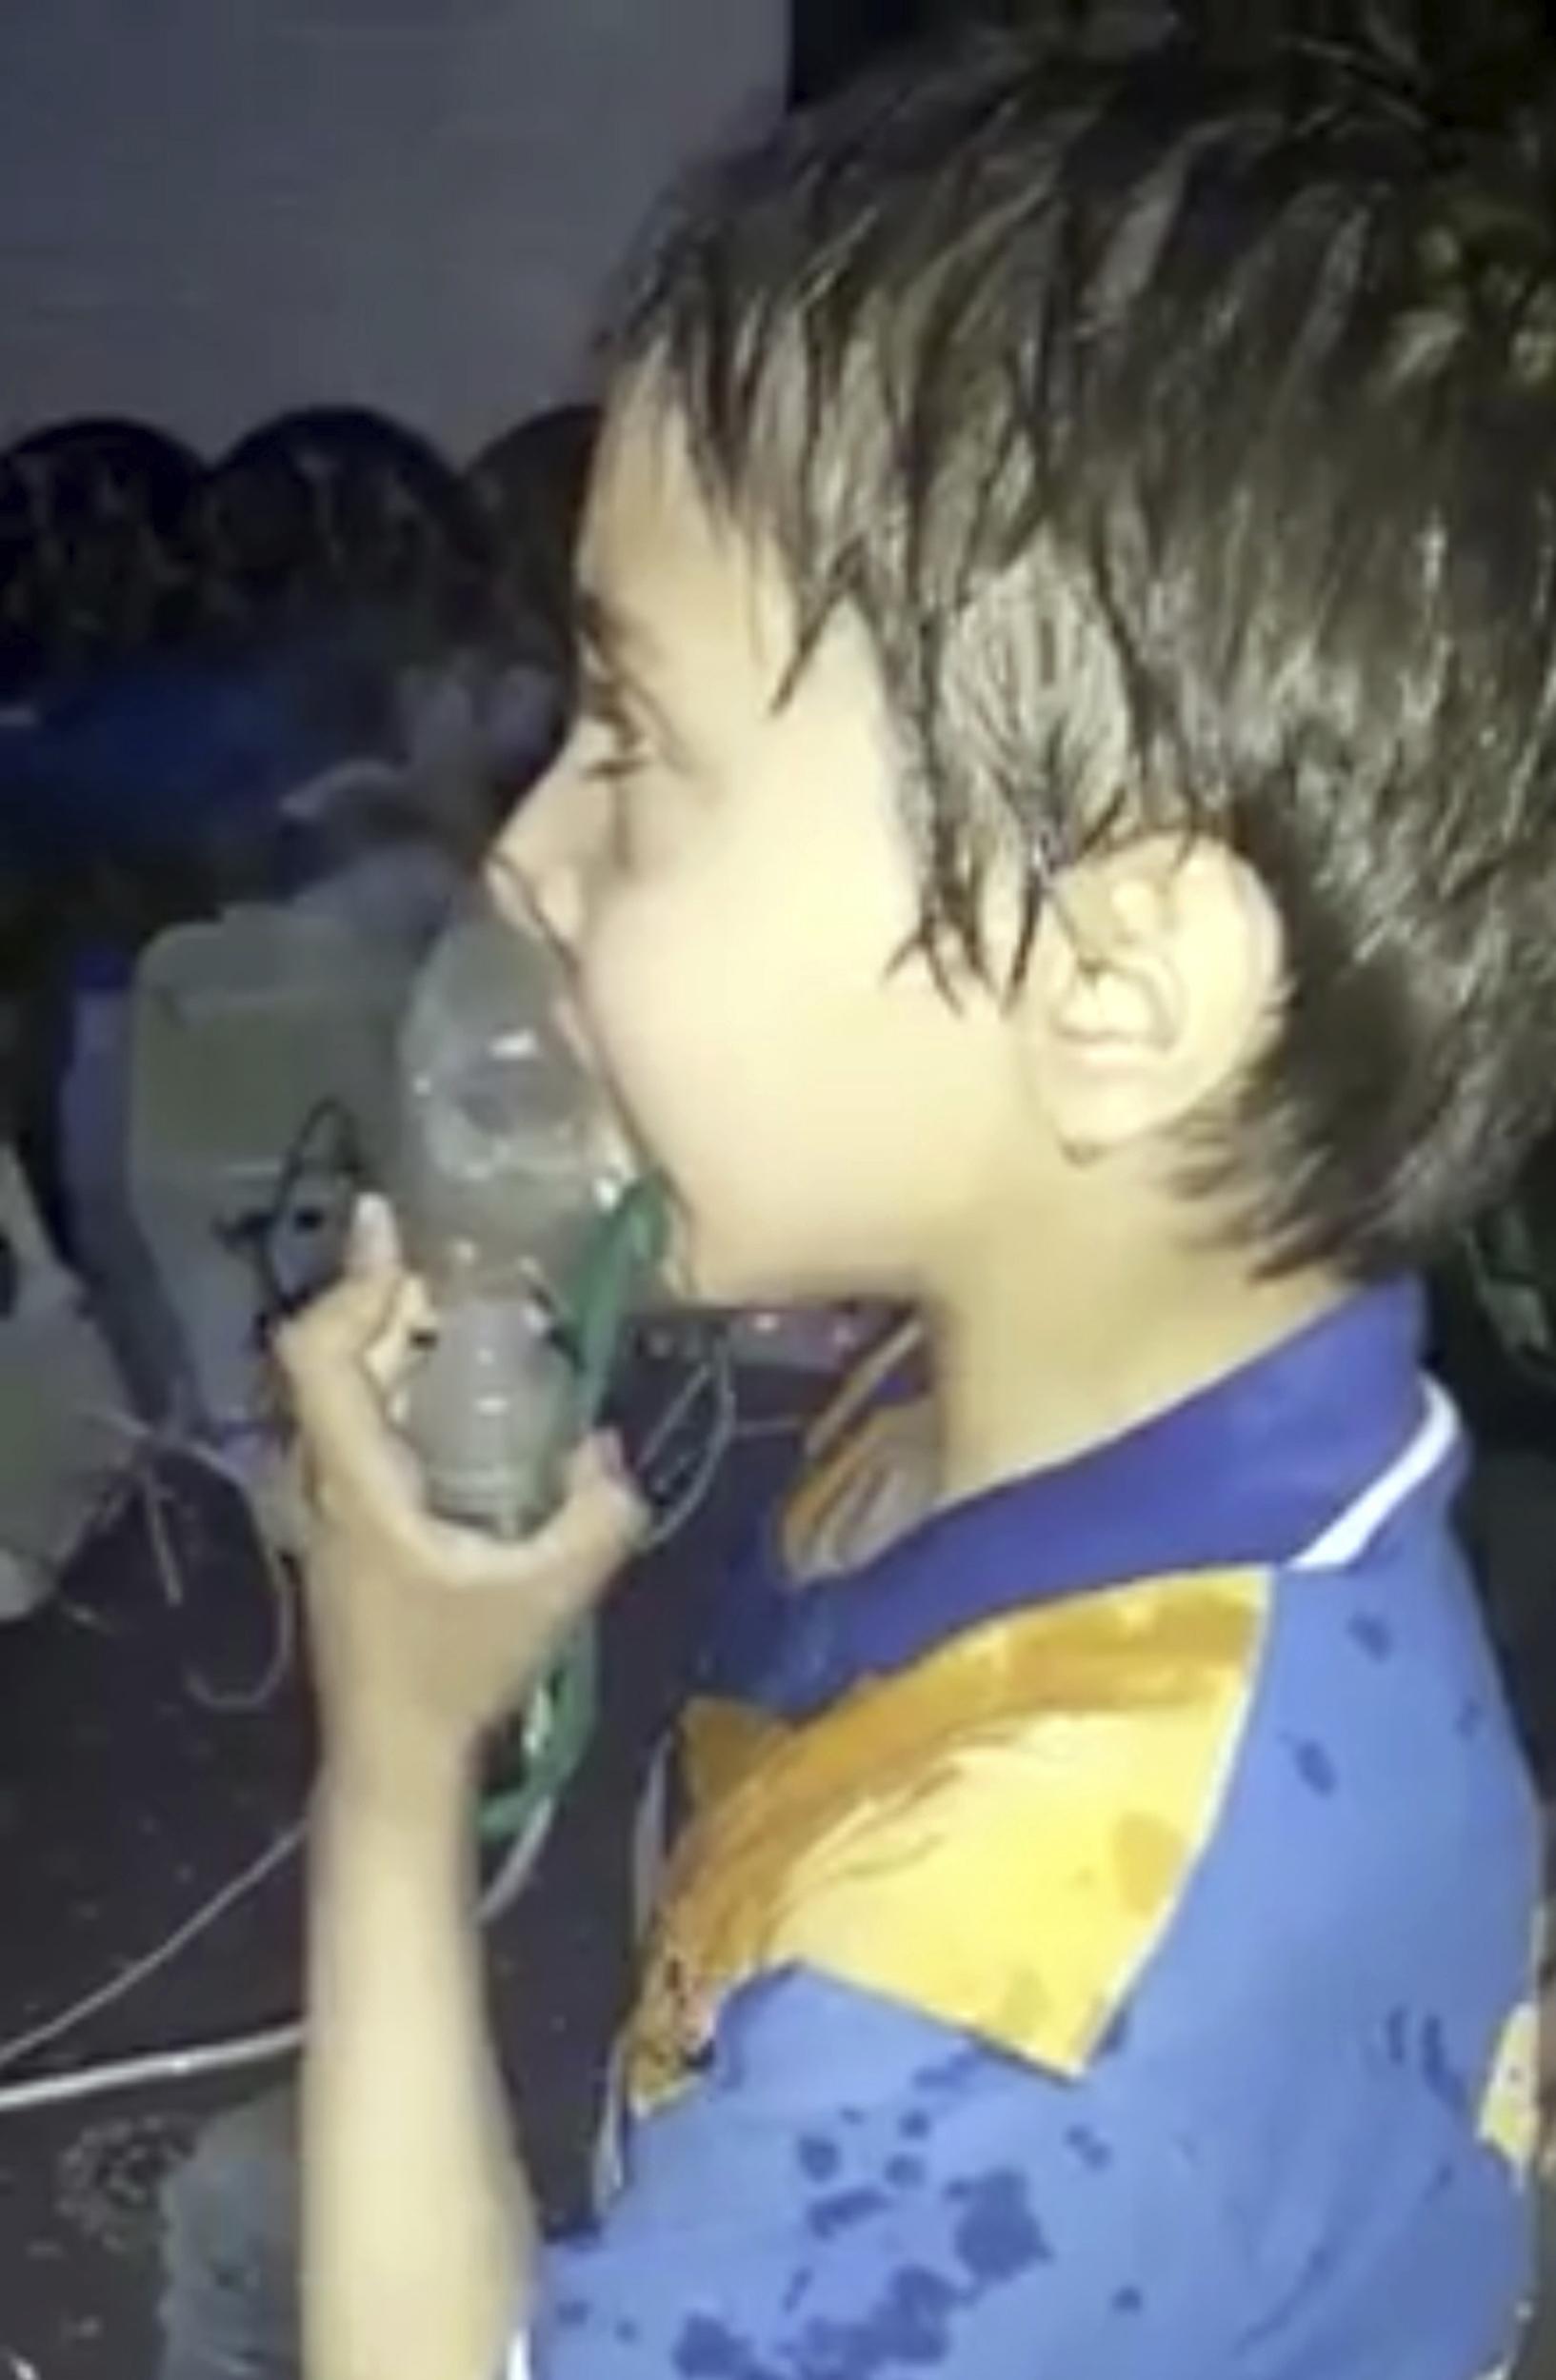 СЗО: 500 души имат симптоми на отравяне с боен газ в Сирия